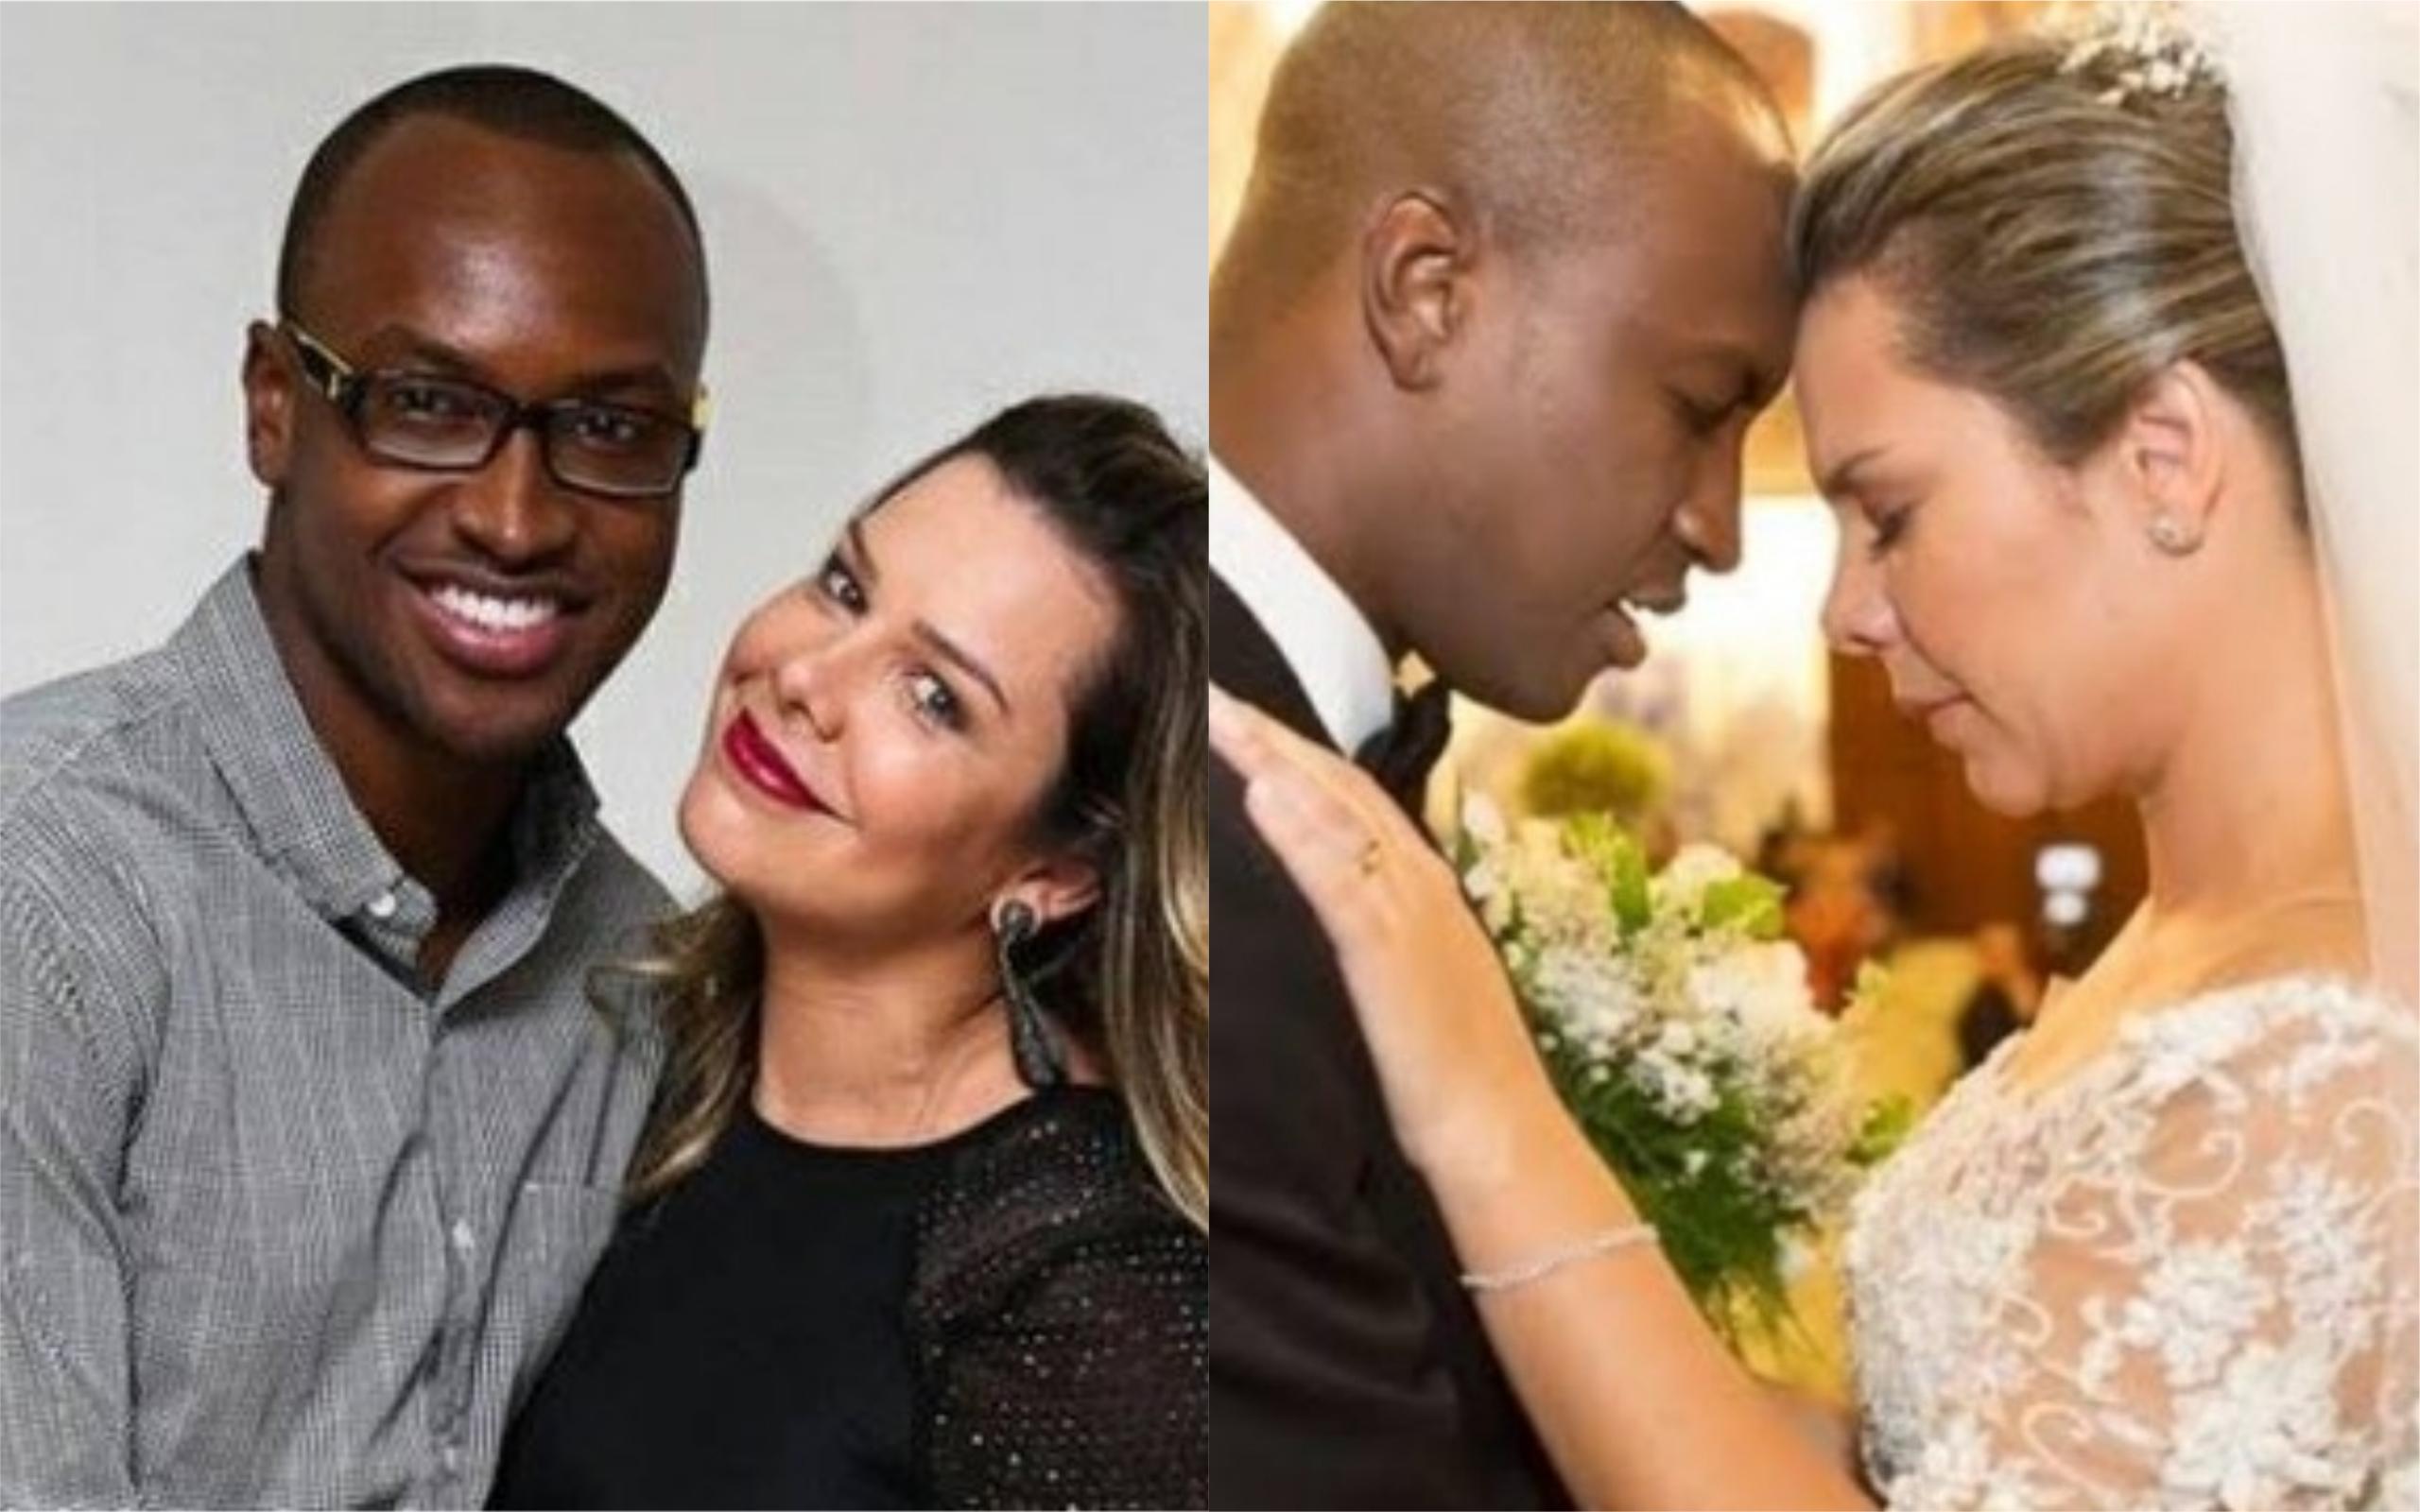 Fernanda Souza e Thiahuinho já foram casados (Foto: Divulgação)